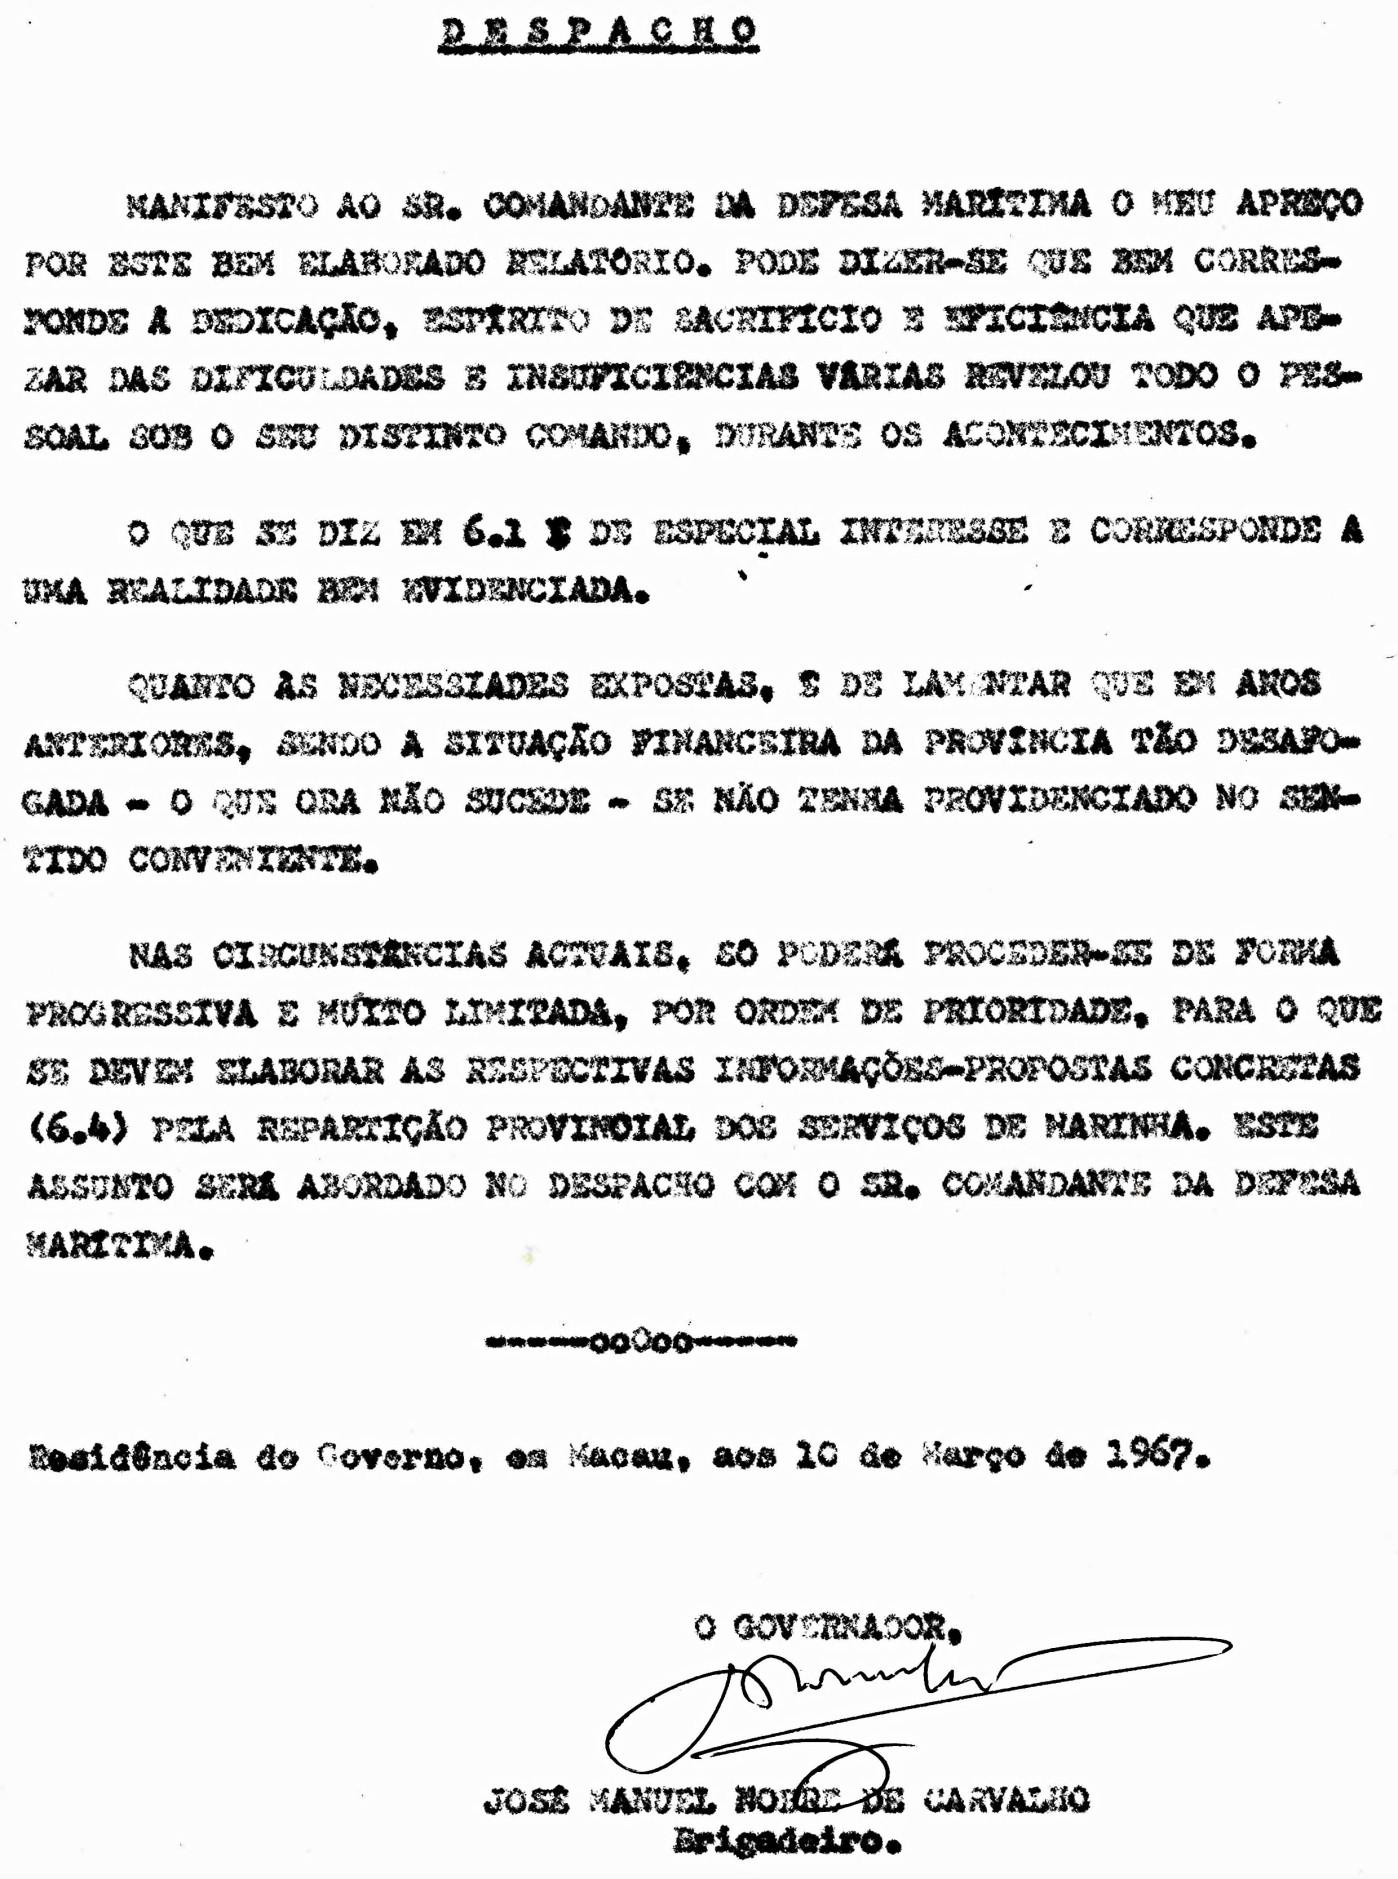 009 67-03-10 despacho do Governador sobre o meu relatório referente à participação da Marinha durante os acontecimentos